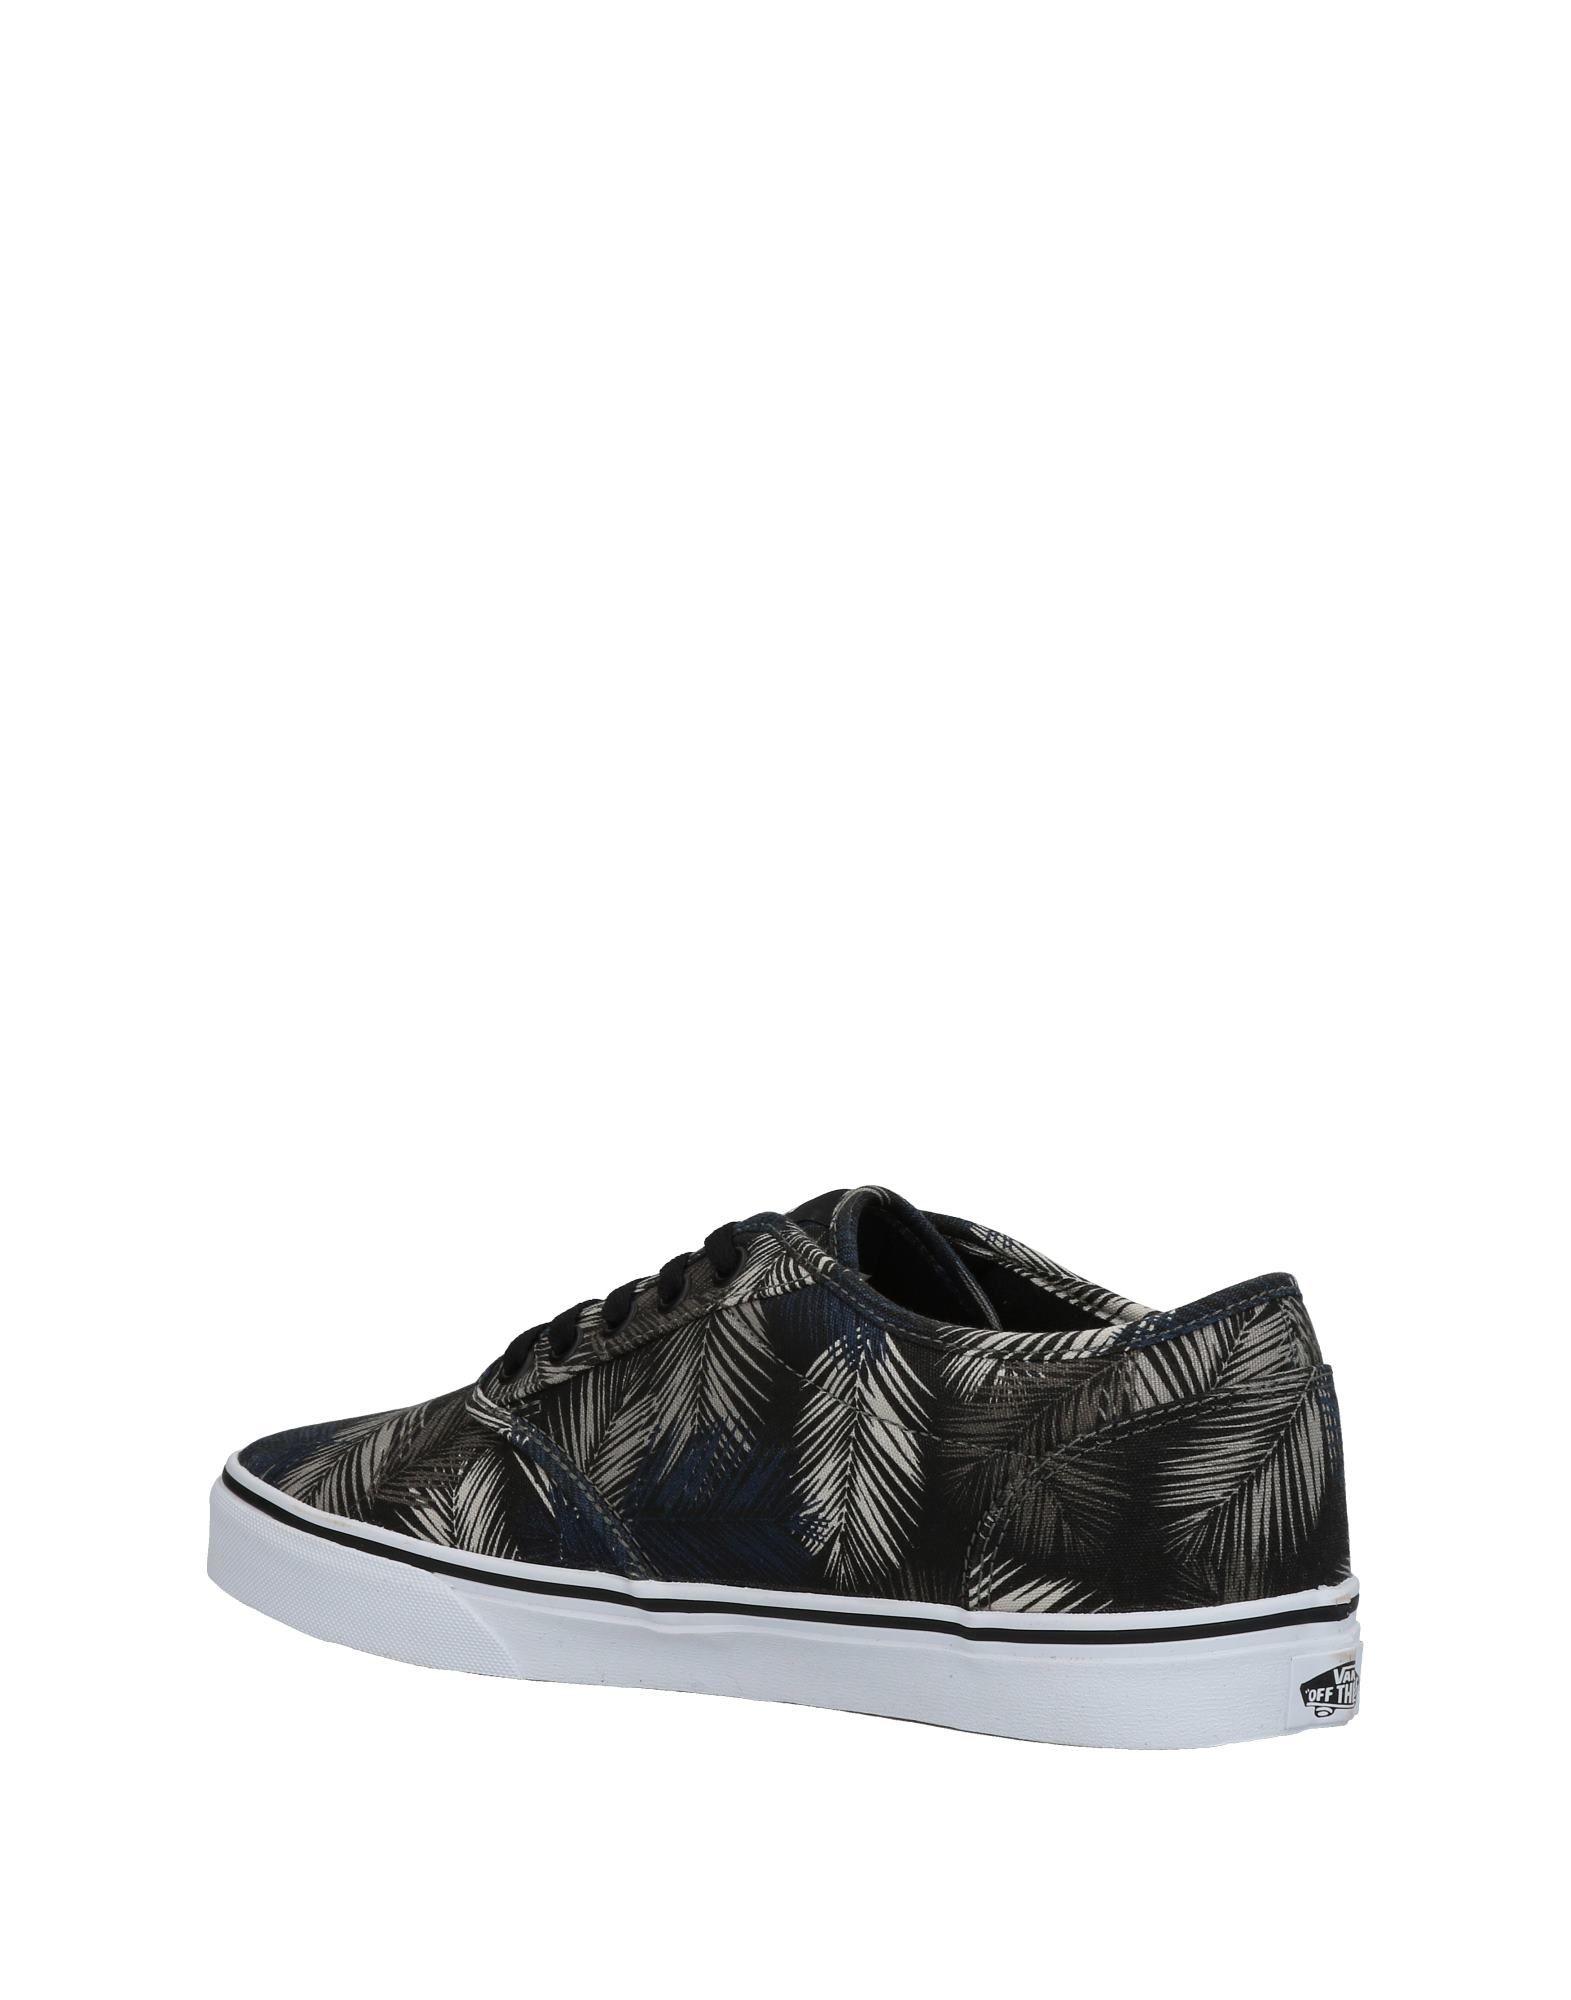 Vans Sneakers Herren  Schuhe 11448434WJ Heiße Schuhe  bbda36